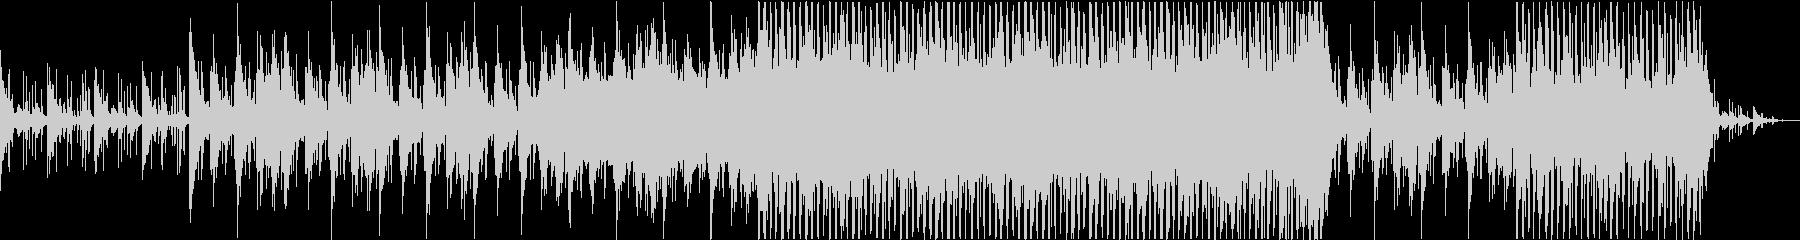 琴の旋律が印象的なBGMの未再生の波形